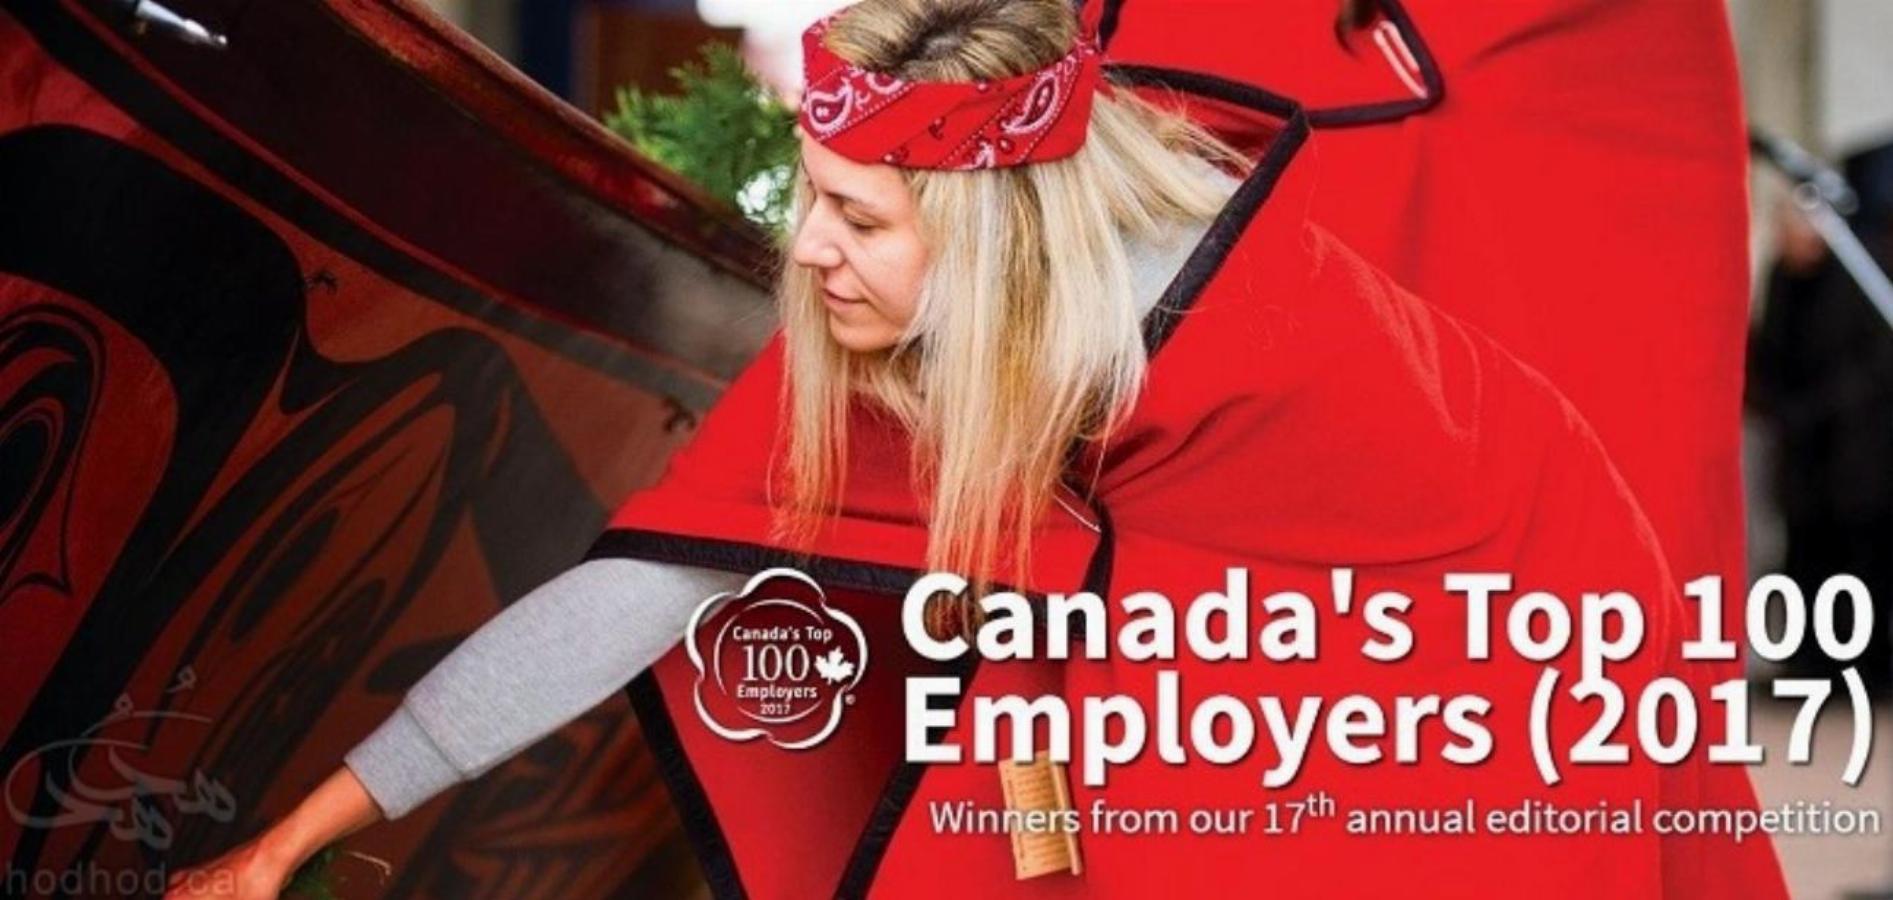 یکصد کارفرمای برتر کانادا برای کارمندان در یک مقیاس 18 ساله برای سال 2017 مشخص شد